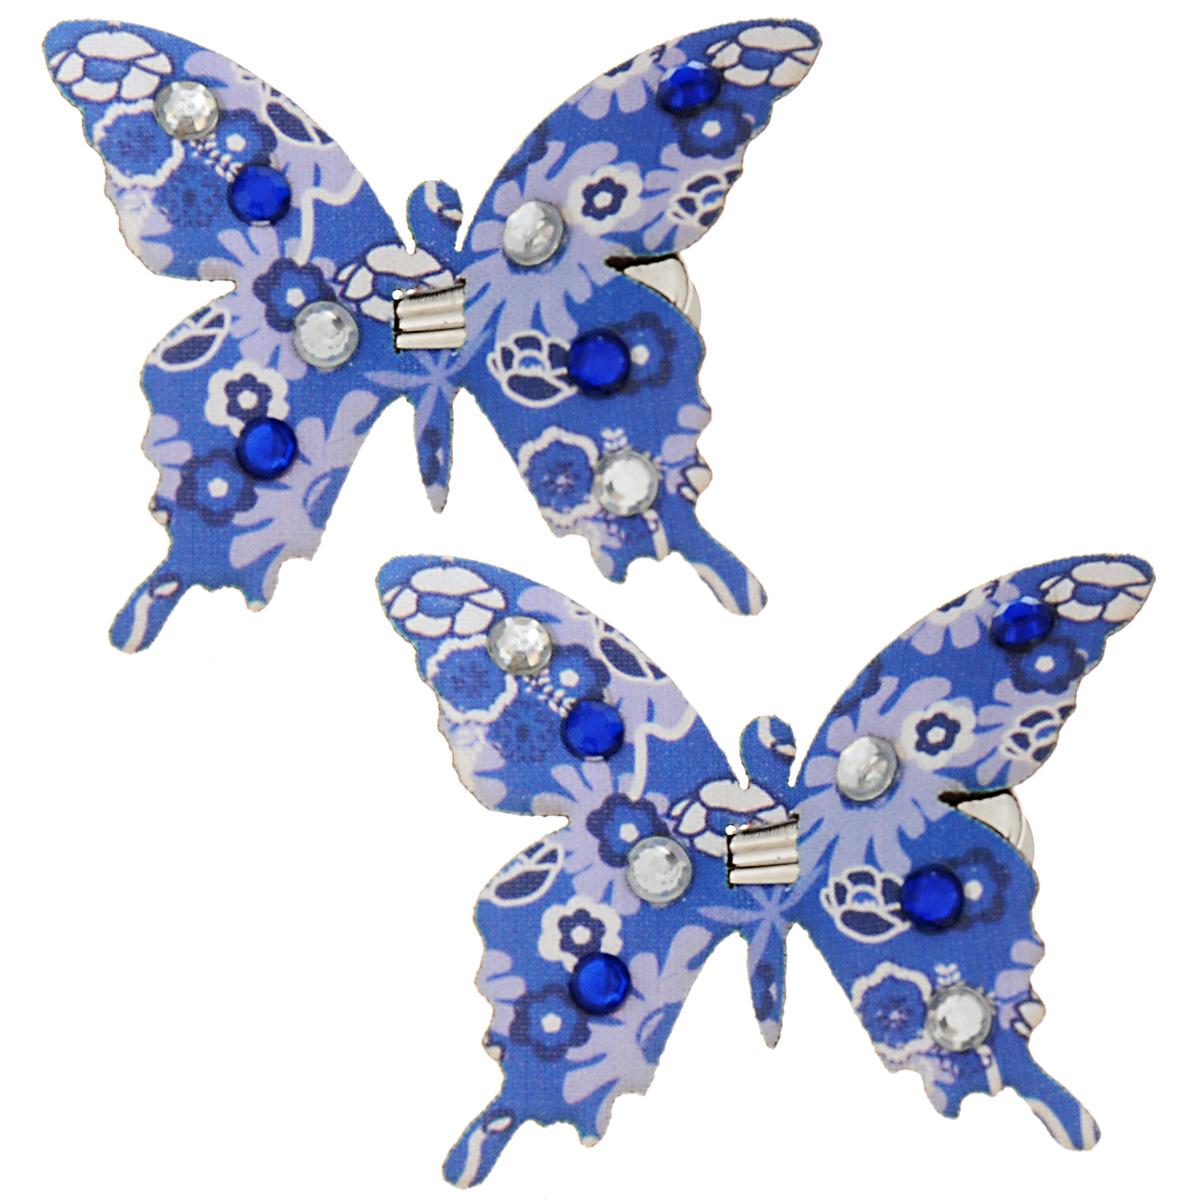 Набор декоративных элементов Hobby Time Бабочки, цвет: синий, 5 см х 4,5 см, 2 шт. 77054937705493Набор декоративных элементов Hobby Time Бабочки, изготовленный из текстиля, предназначен для декорирования. Он может пригодиться в оформлении одежды, предметов интерьера, подарков, цветочных букетов, а также в скрапбукинге. В наборе - 2 элемента. Изделия выполнены в виде бабочек, декорированных цветочным принтом и стразами. С оборотной стороны бабочки оснащены металлическими клипсами. Размер: 5 см х 4,5 см.